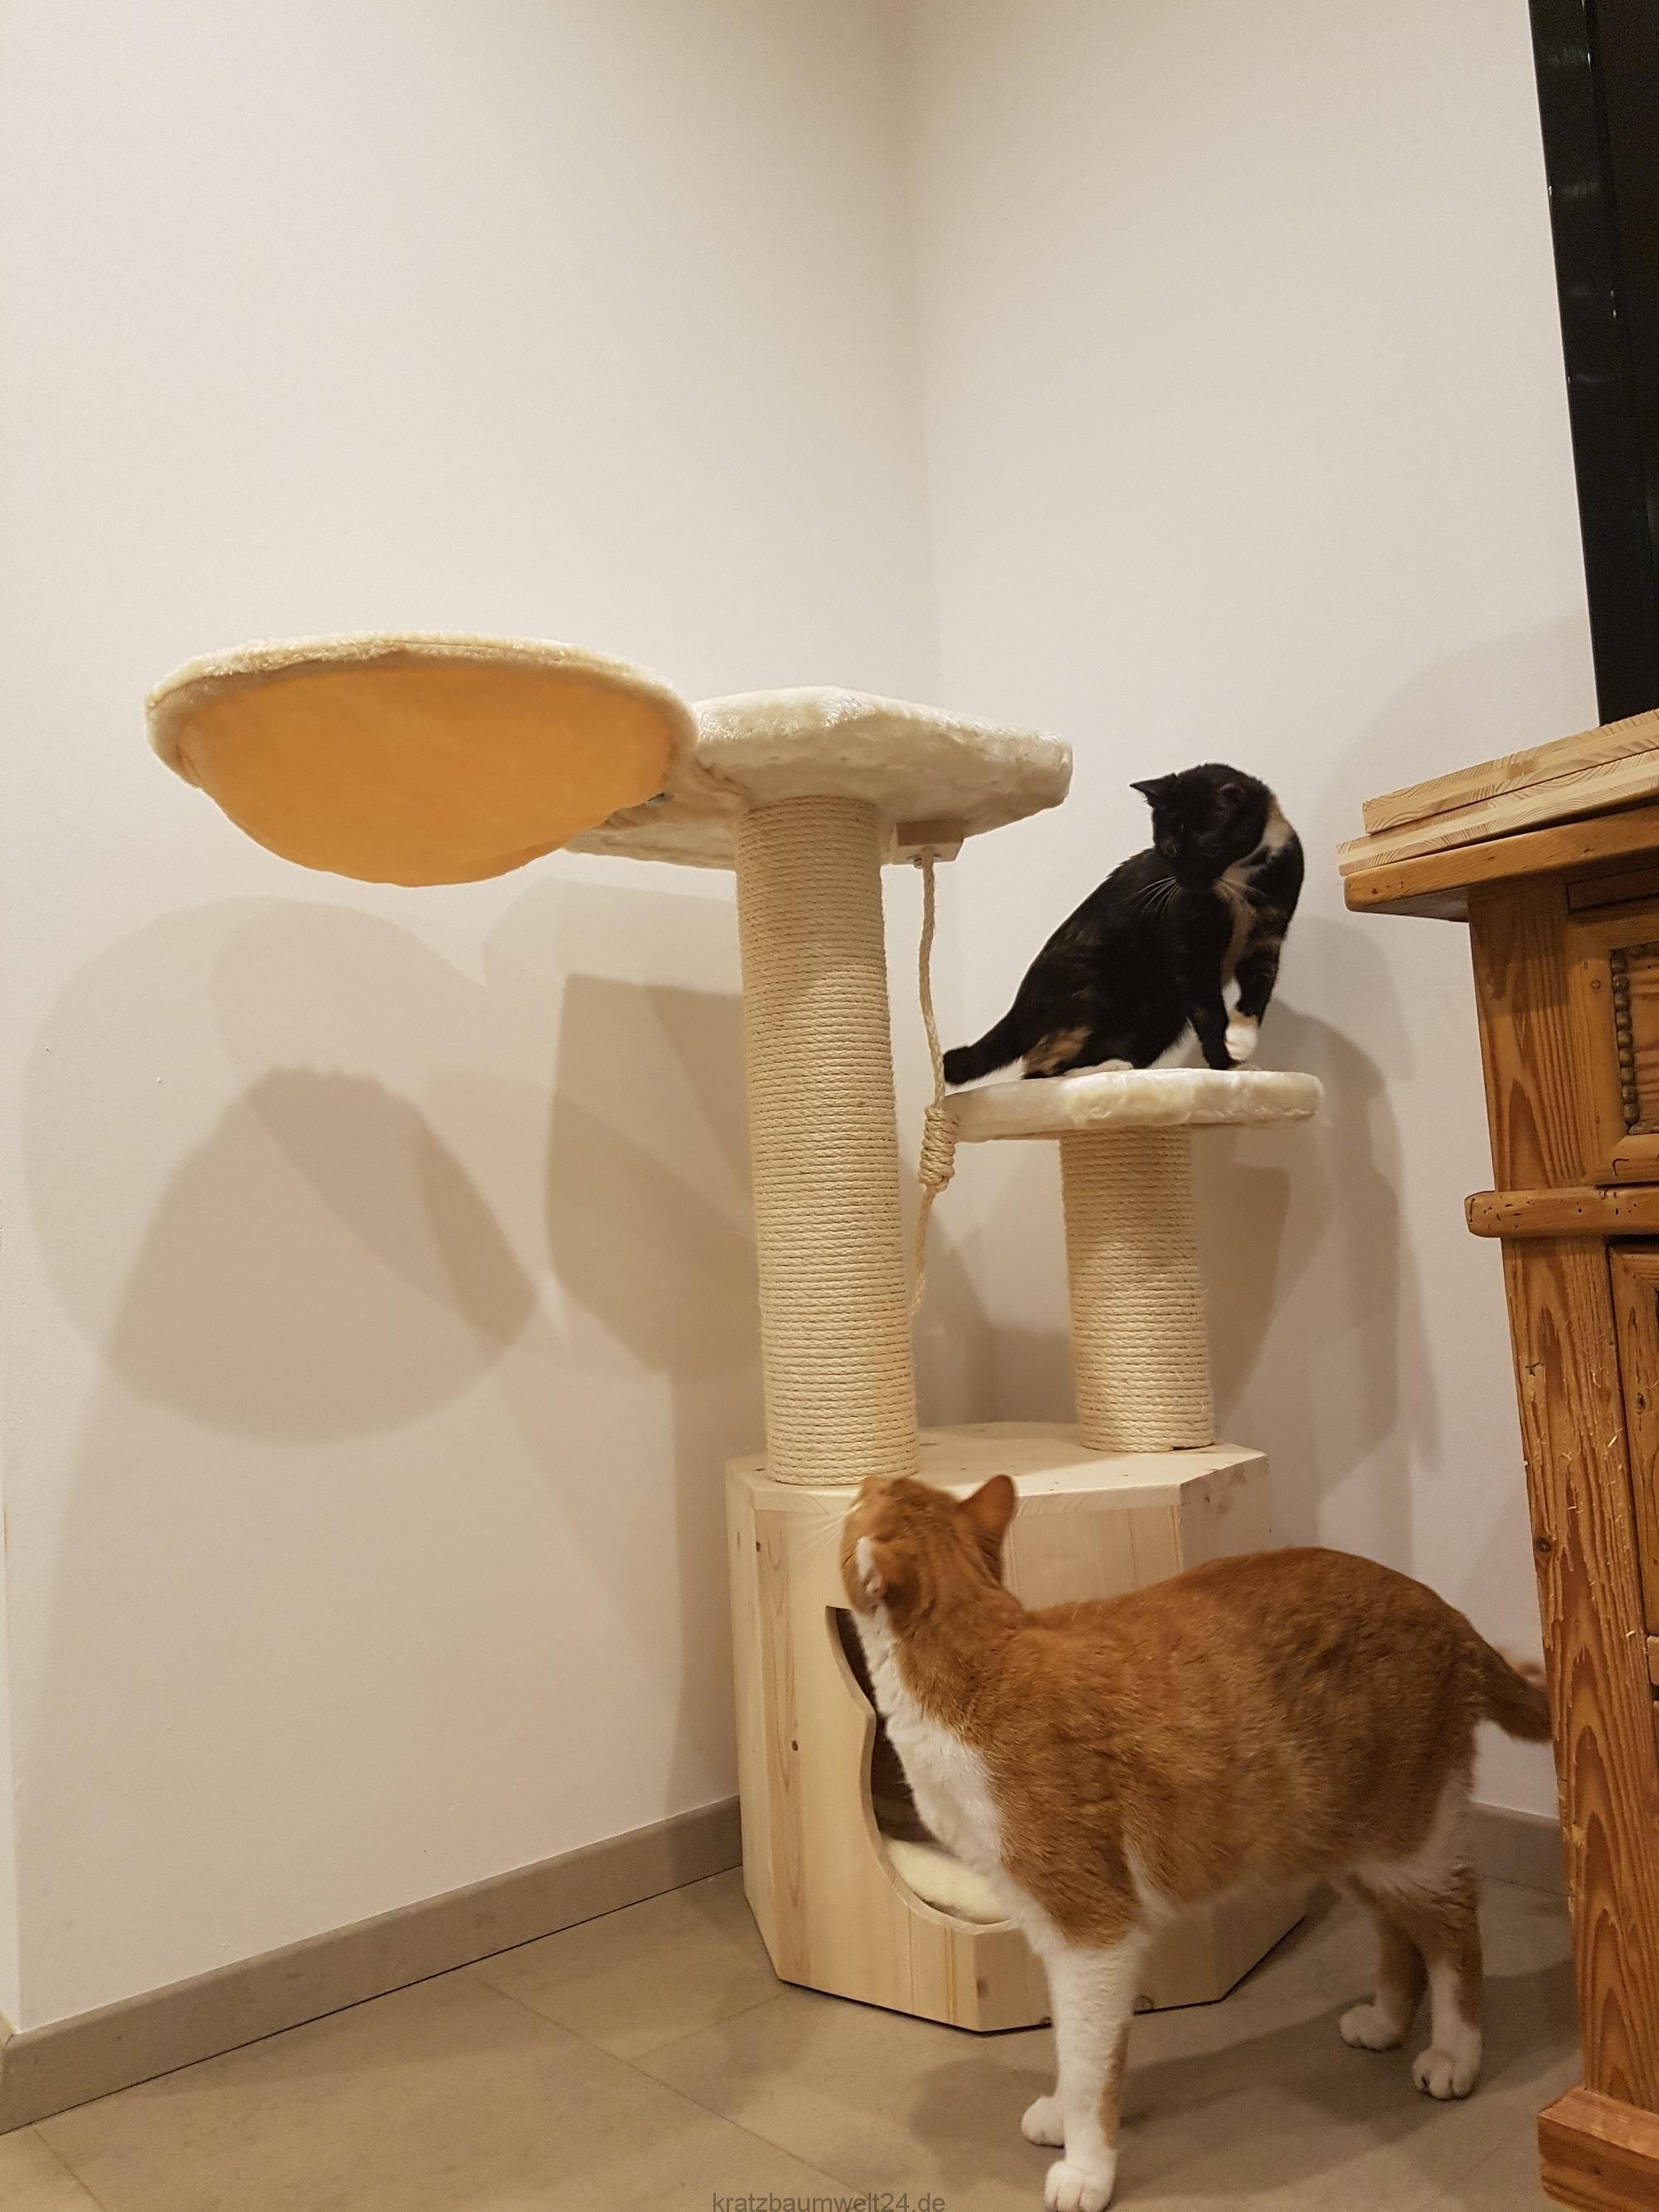 ersatzst mme f r katzen kratzbaum mittel kratzbaum mit gro en liegefl chen h hle f r katzen. Black Bedroom Furniture Sets. Home Design Ideas